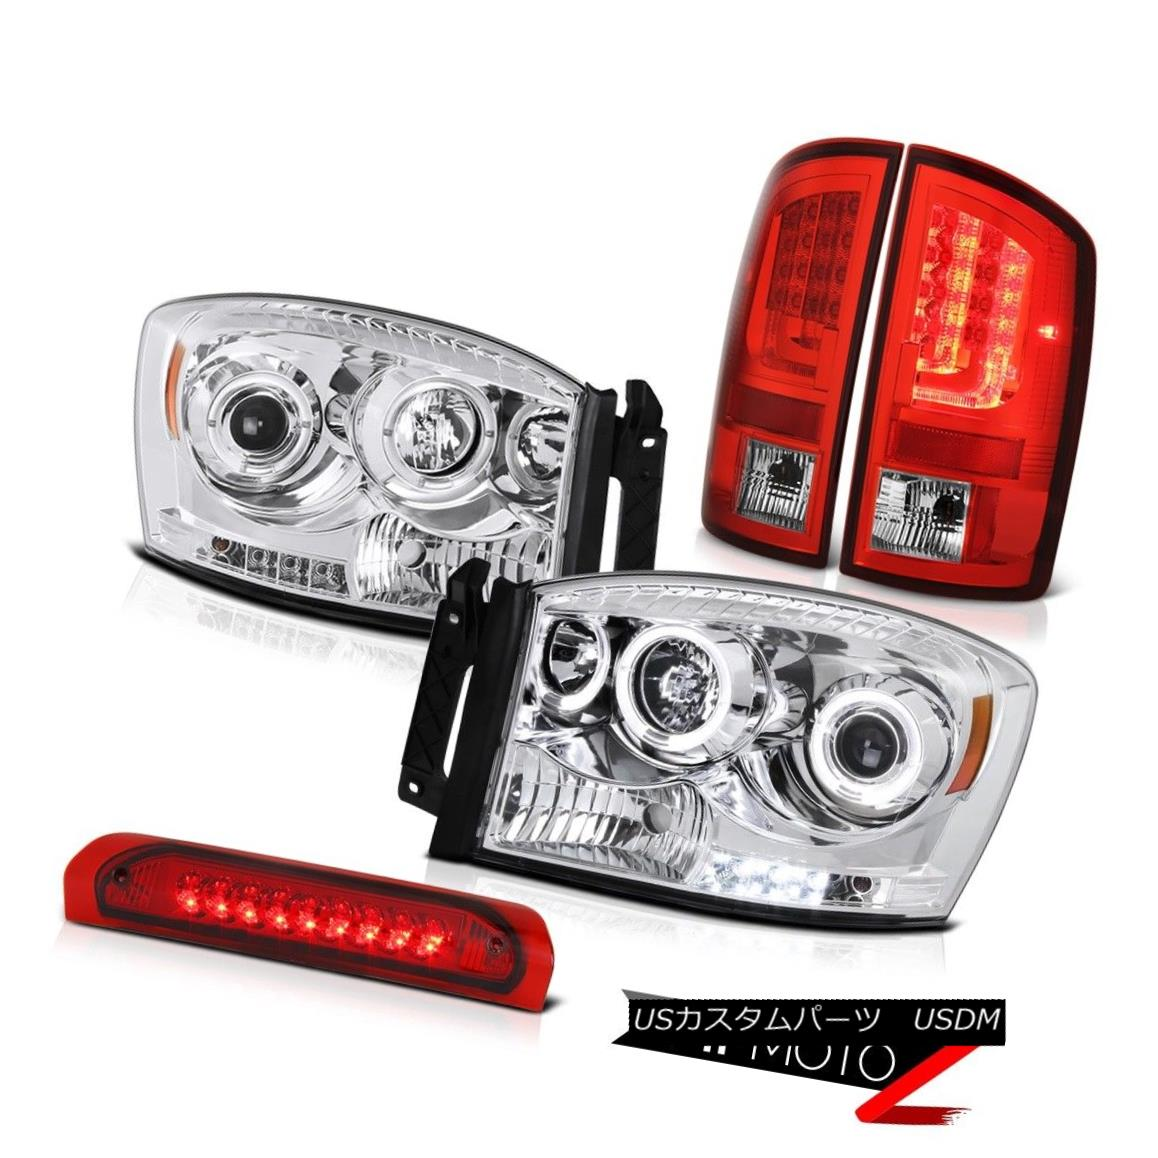 テールライト 07-08 Ram 1500 2500 3500 SLT Tail Lamps Headlights Roof Brake Light Light Bar 07-08ラム1500 2500 3500 SLTテールランプヘッドライトルーフブレーキライトライトバー